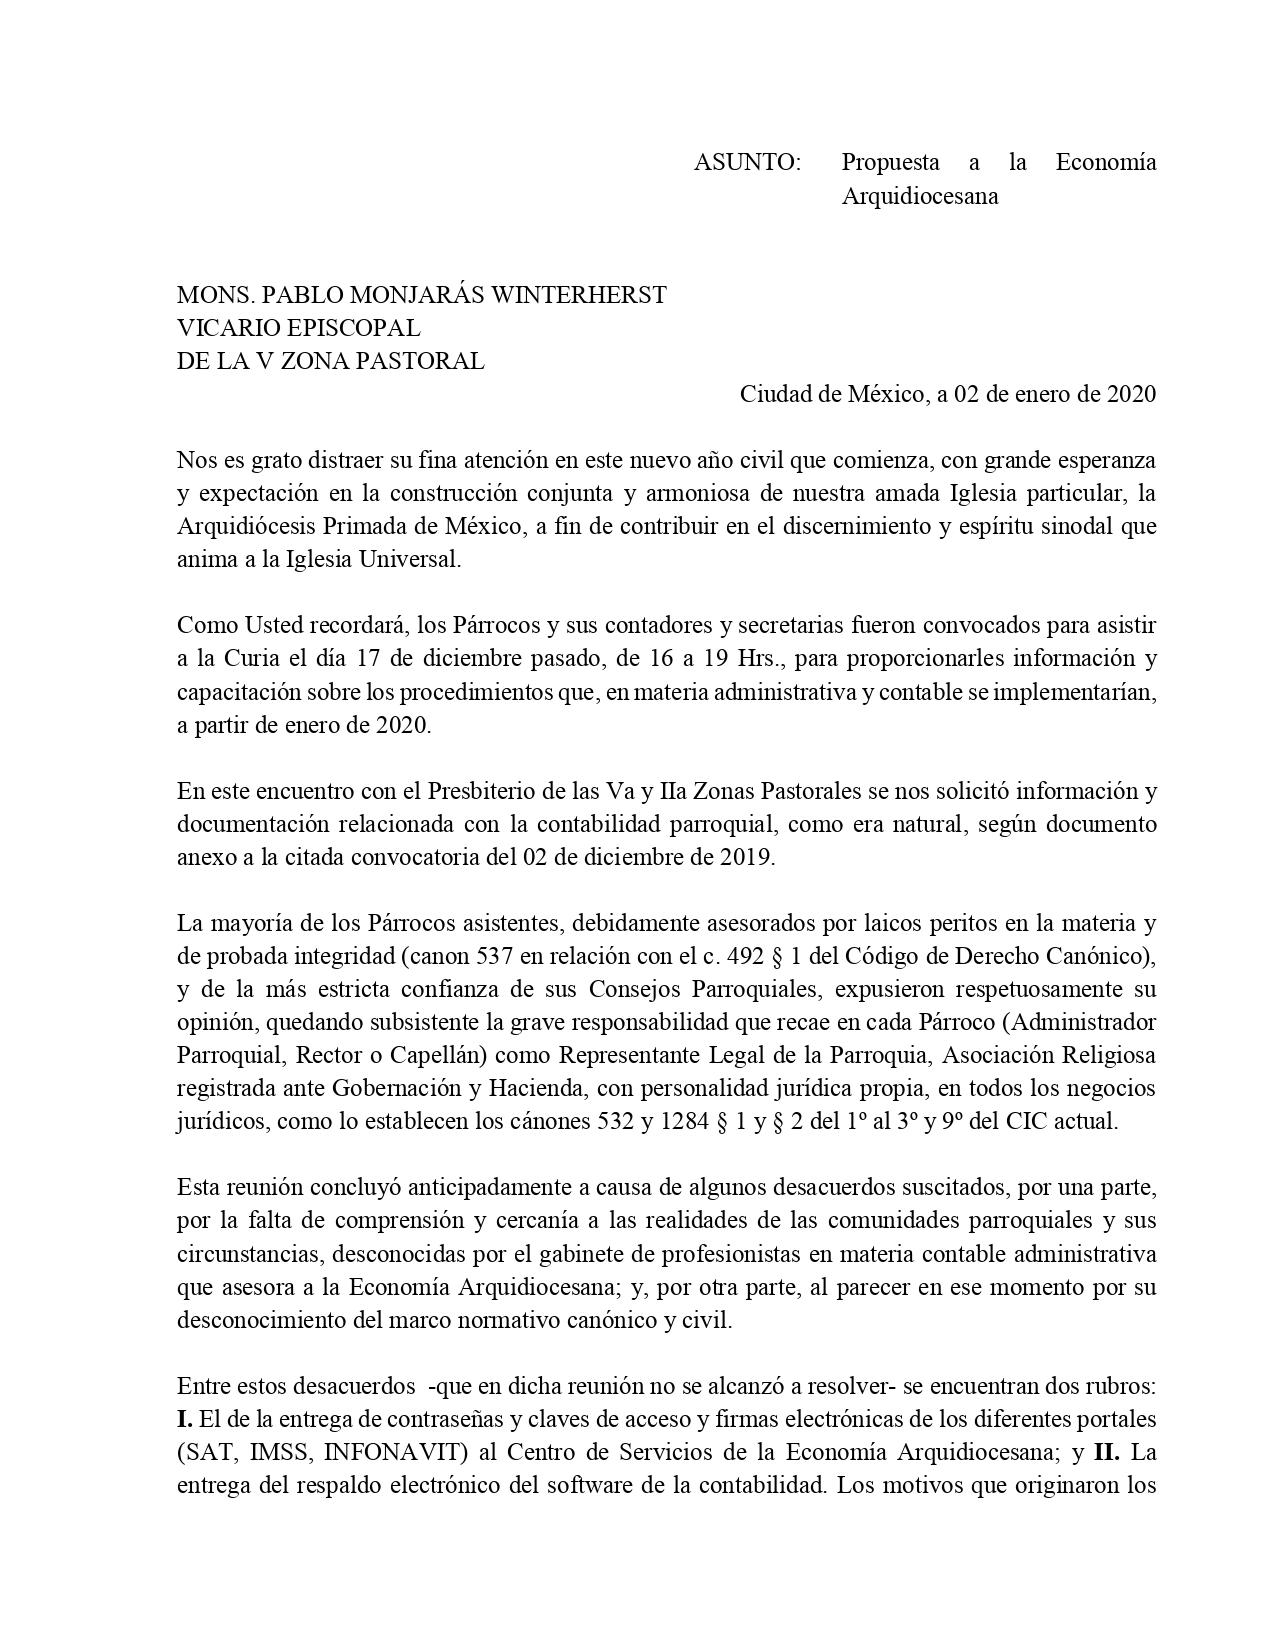 PROPUESTA A ECONOMÍA ARQUIDIOCESANA_page-0001